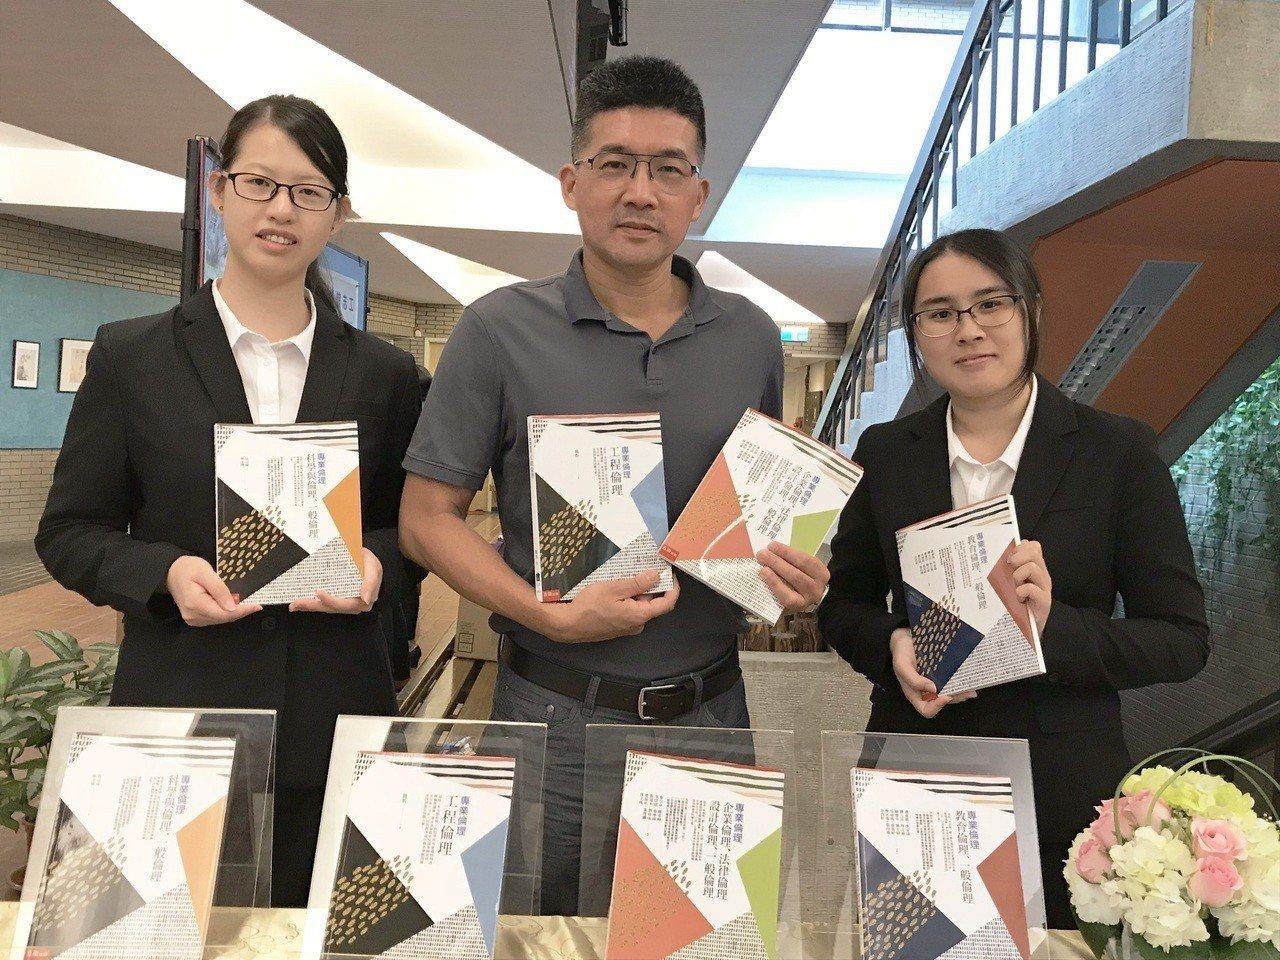 中原大學出版發行四冊一套倫理專書。圖/中原大學提供